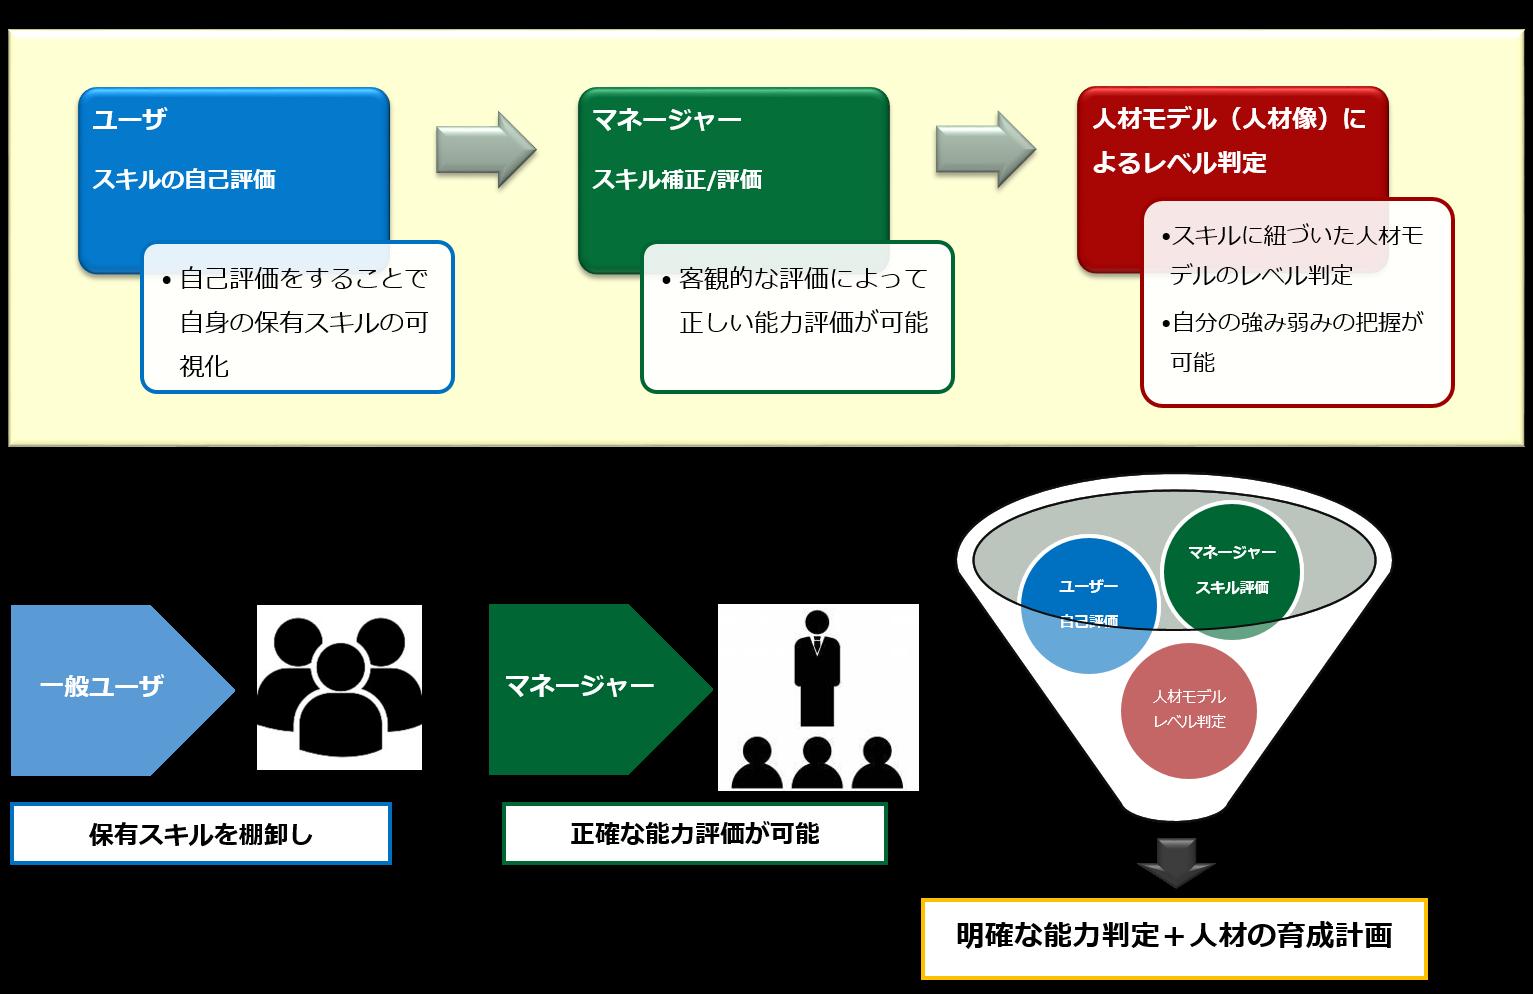 汎用的なスキル評価[ユーザ:スキルの自己評価 マネージャ:スキル補正/評価 人材モデル(人物像)によるレベル判定]